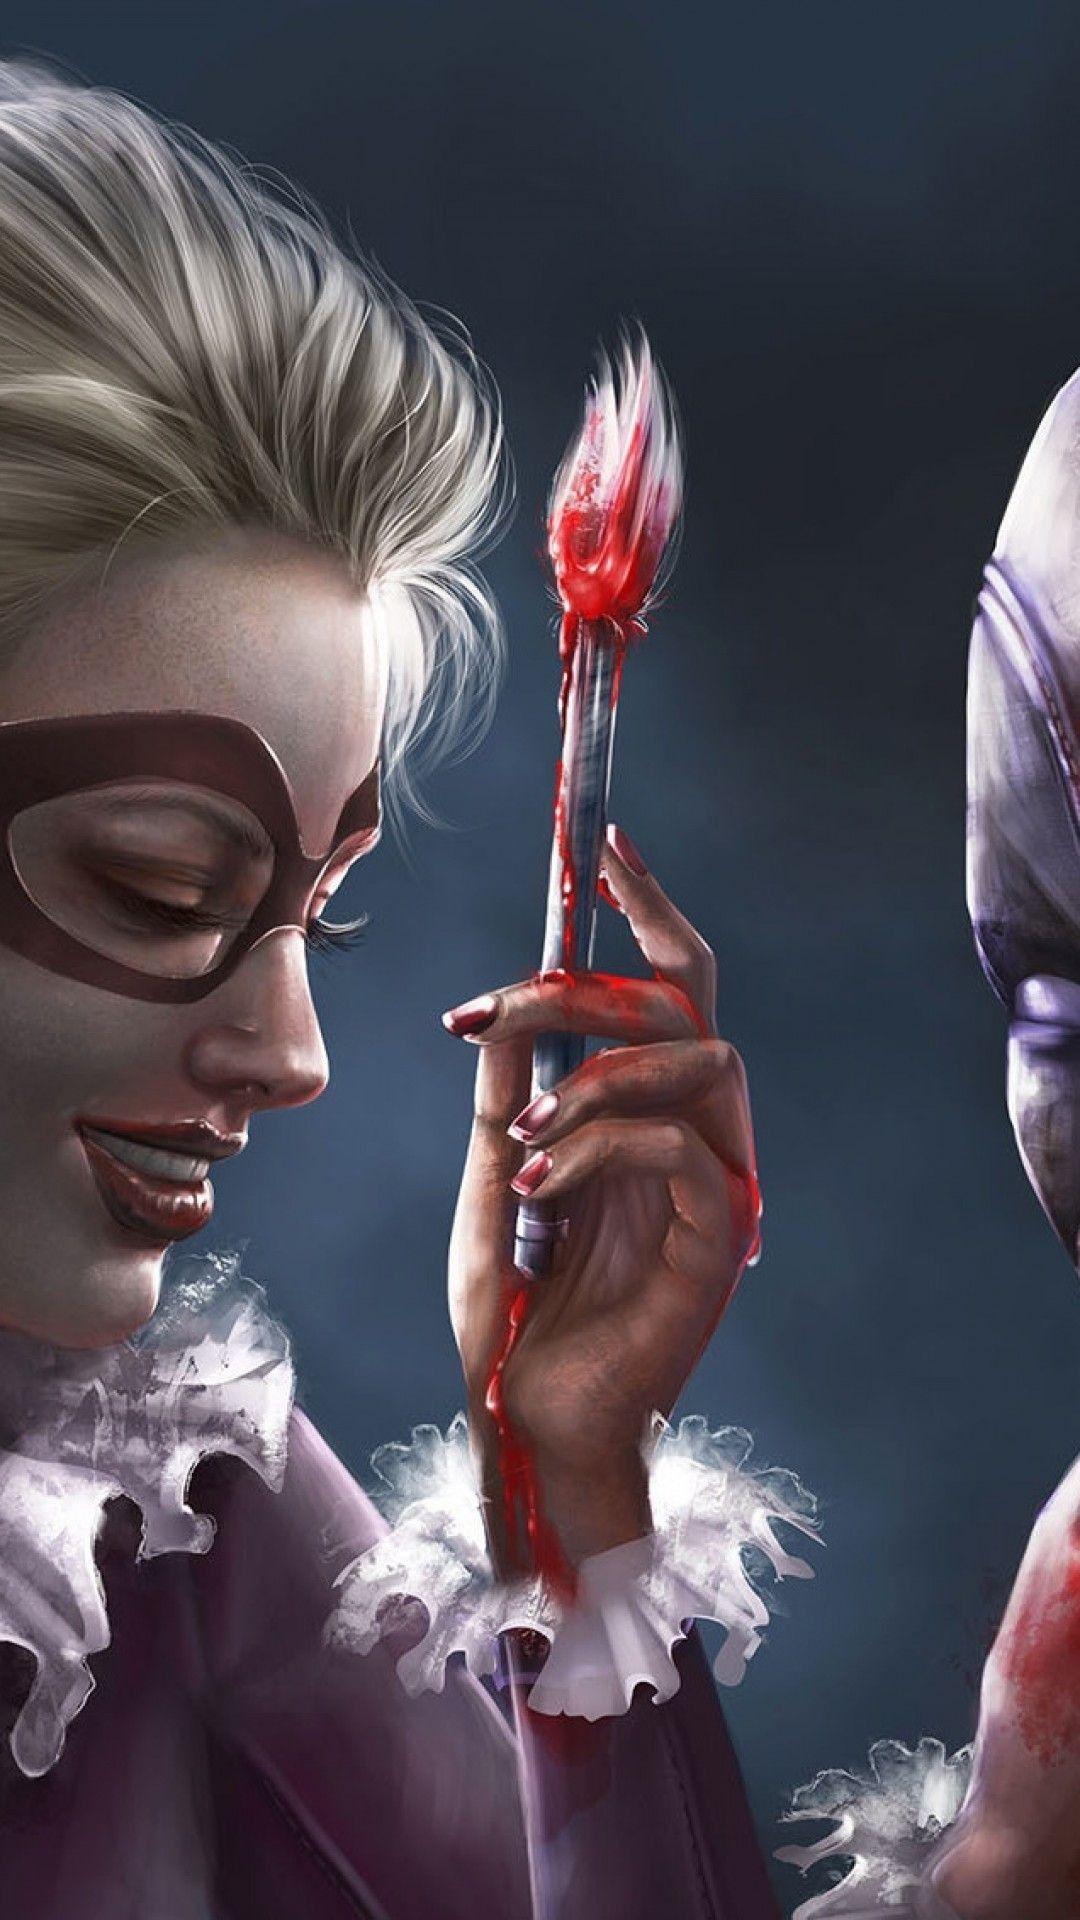 Deadpool Harley Quinn Phone Wallpapers Top Free Deadpool Harley